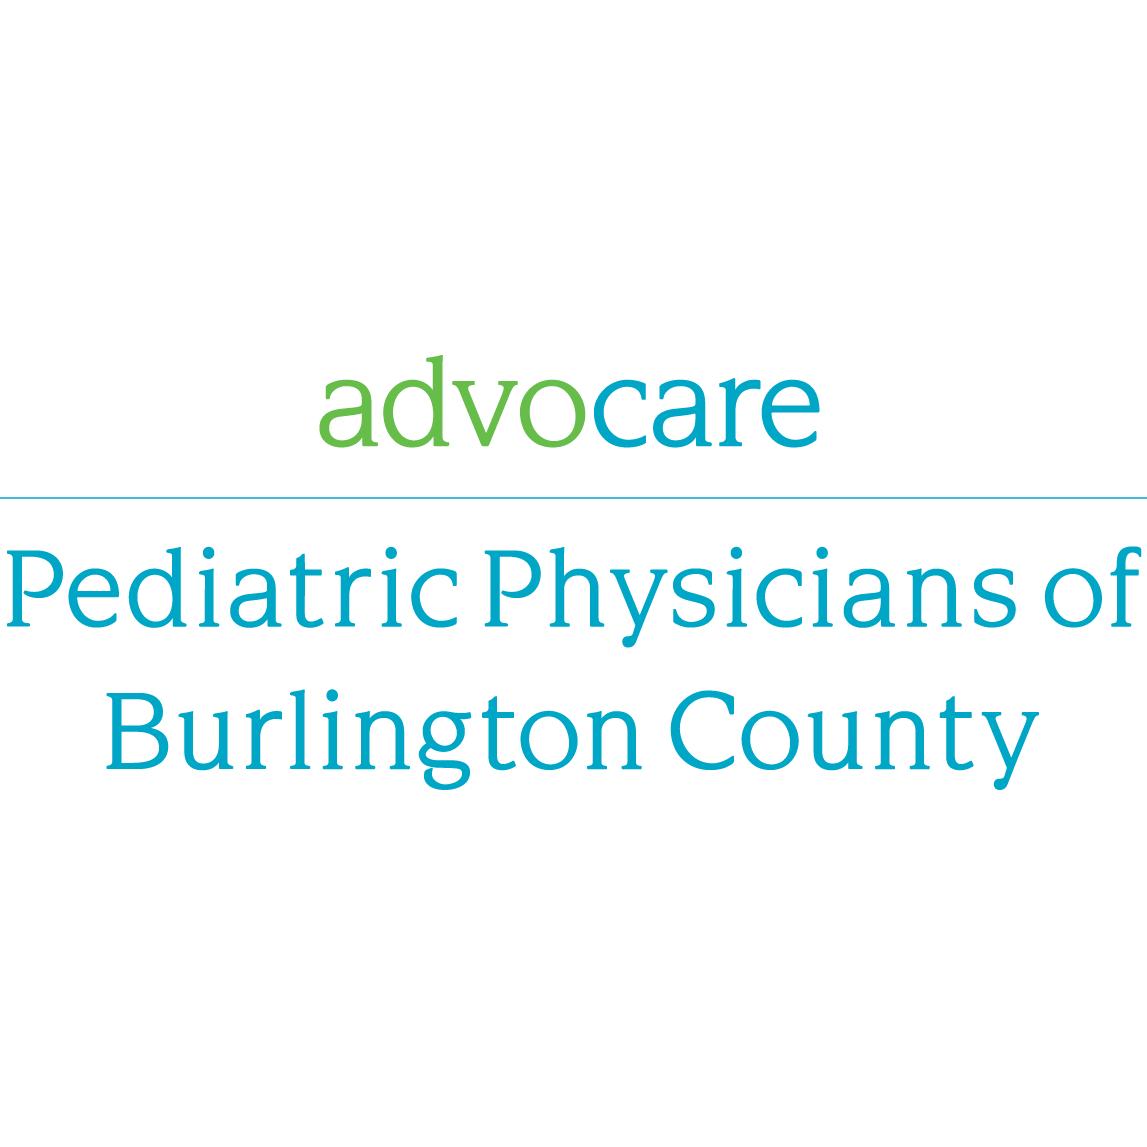 Advocare Pediatric Physicians of Burlington County